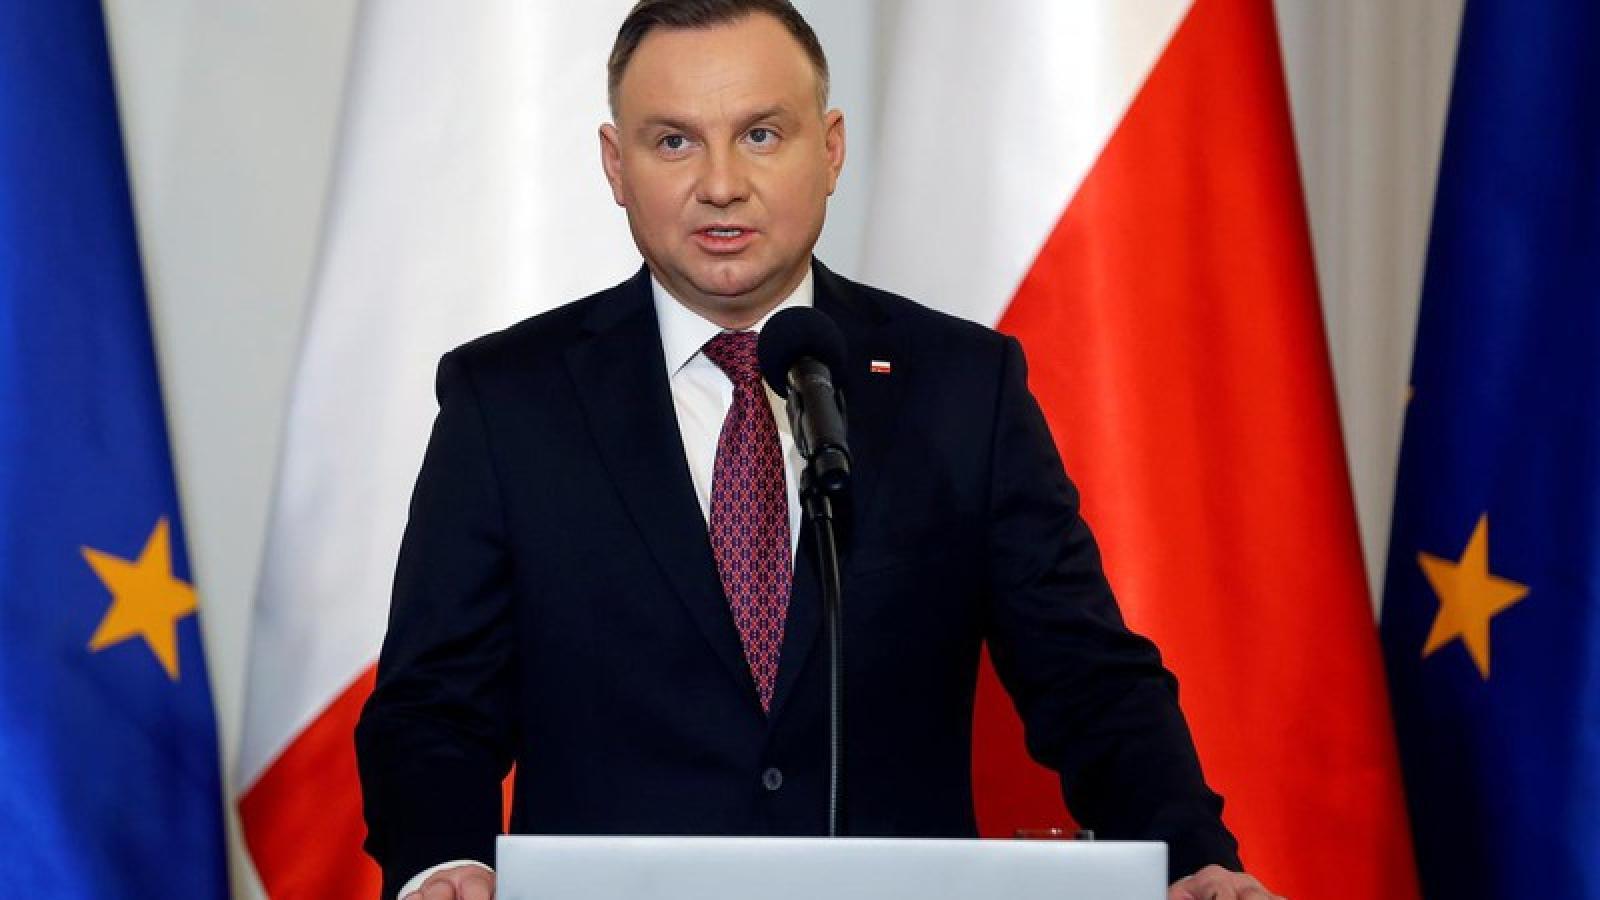 Đương kim Tổng thống Ba Lan vào vòng 2 cuộc bầu cử Tổng thống